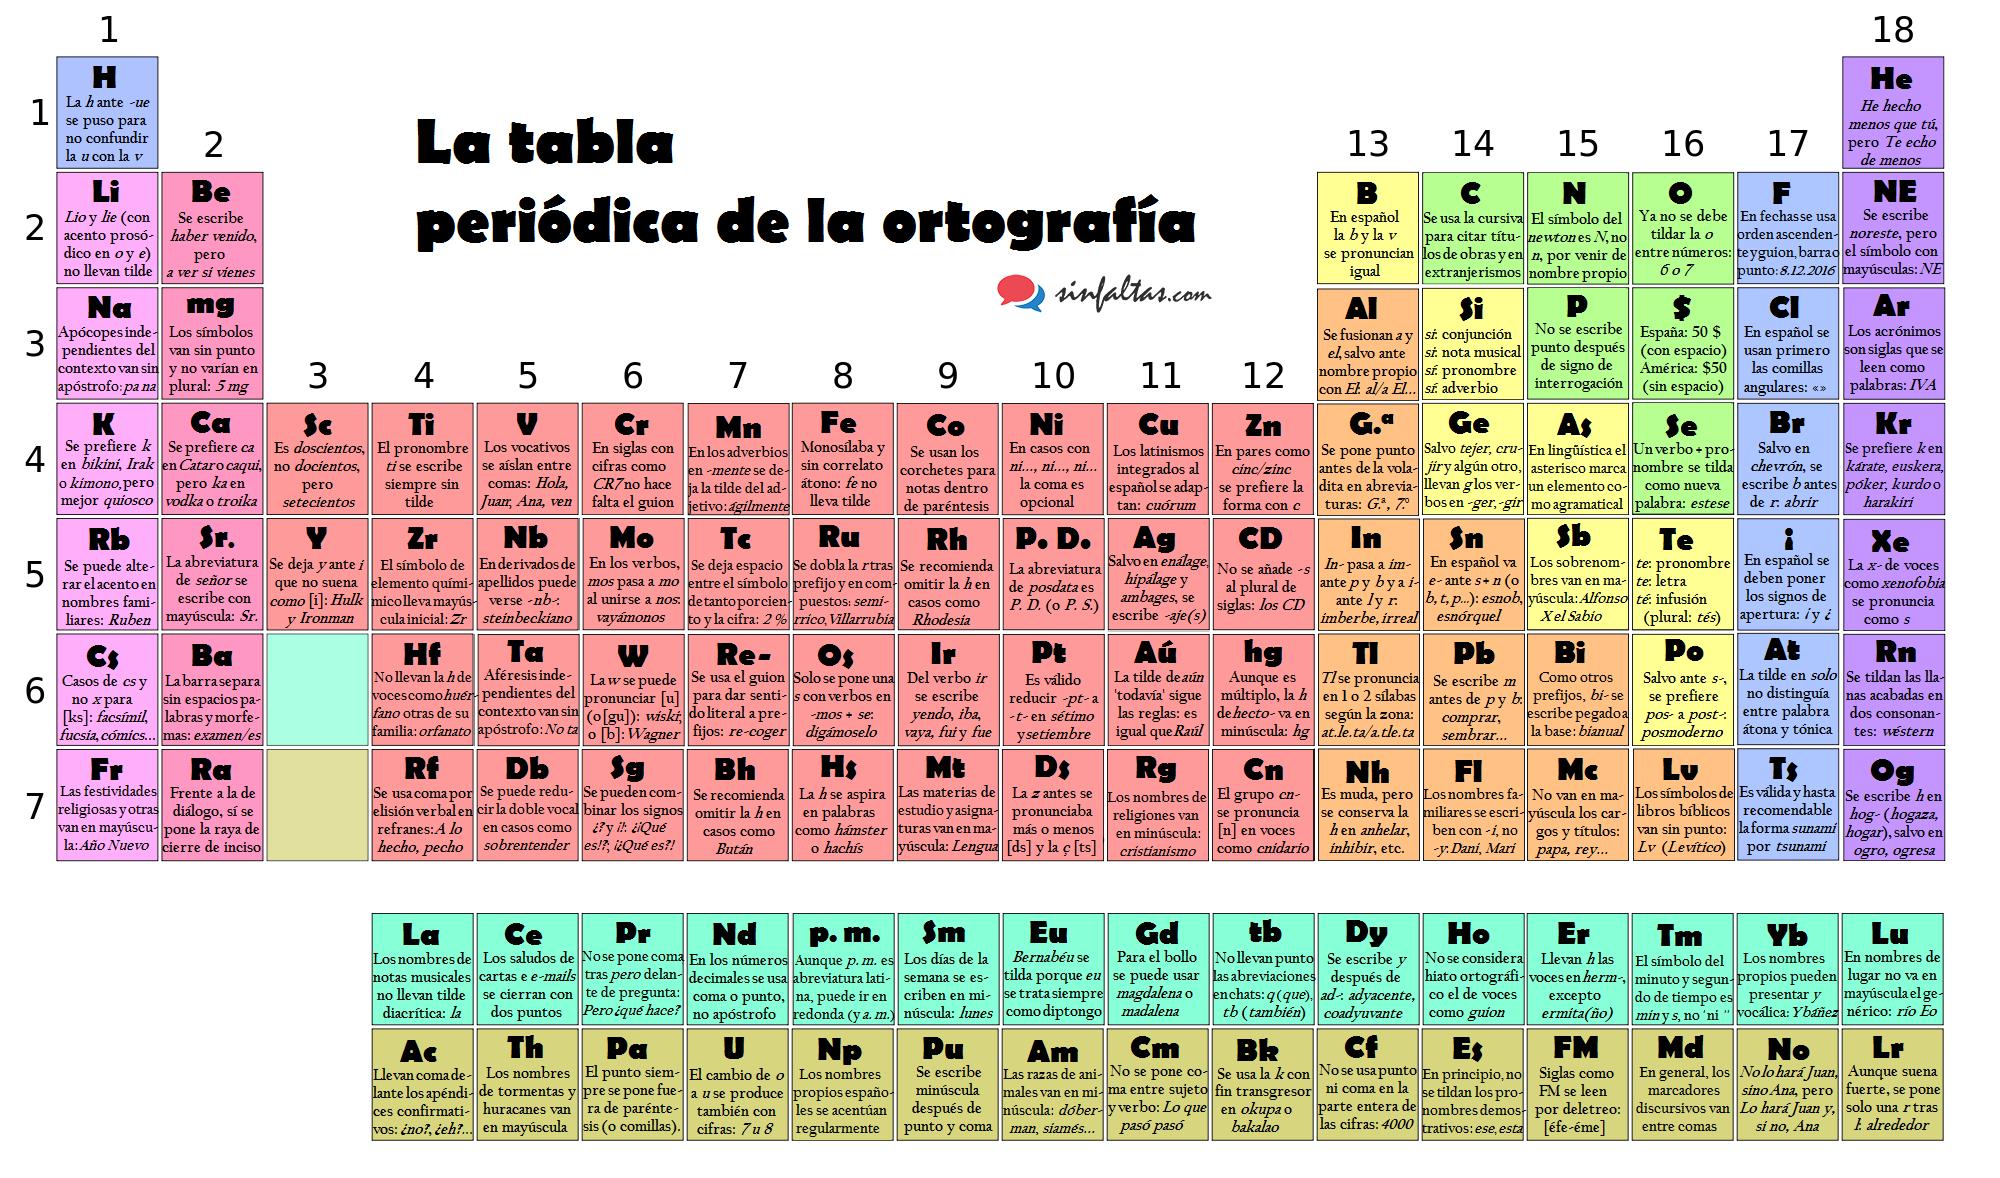 Una tabla peridica para consultar dudas ortogrficas verne el pas mira aqu en detalle todos los elementos de esta tabla peridica de ortografa urtaz Choice Image